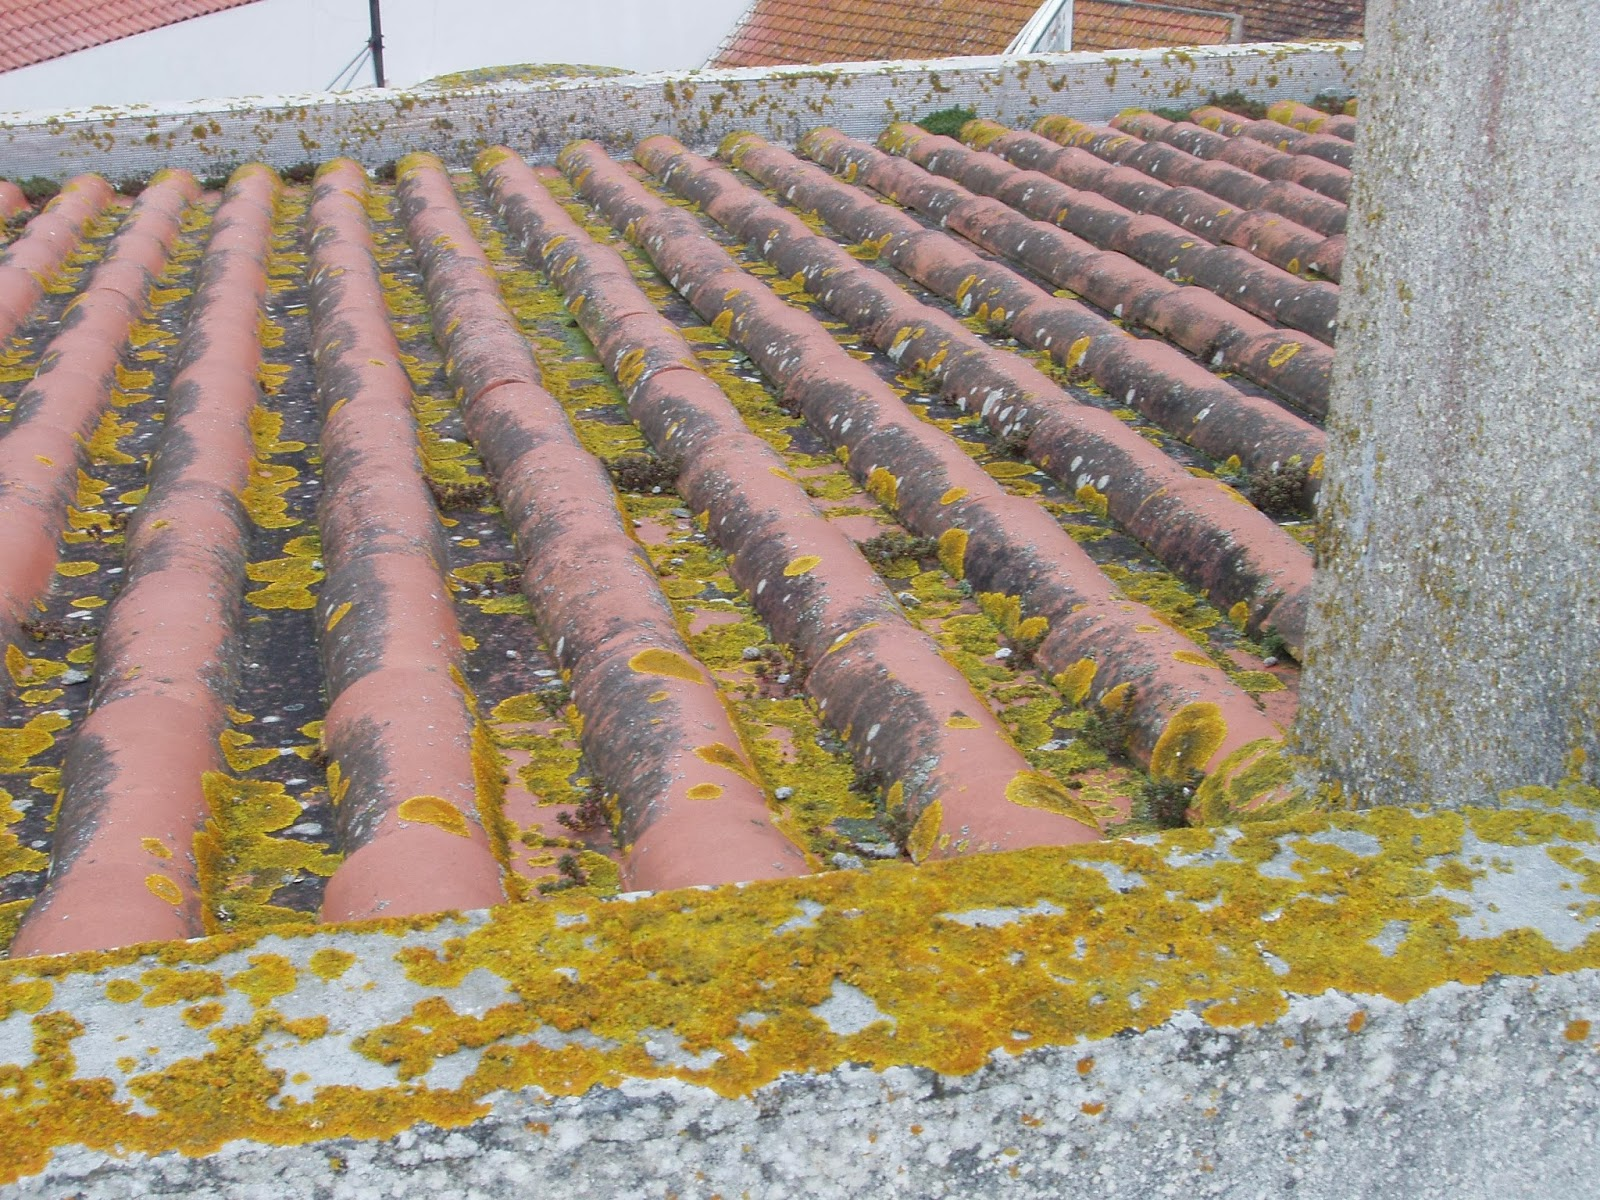 Telhado-em-telha-de-barro-com-fungos-e-musgos